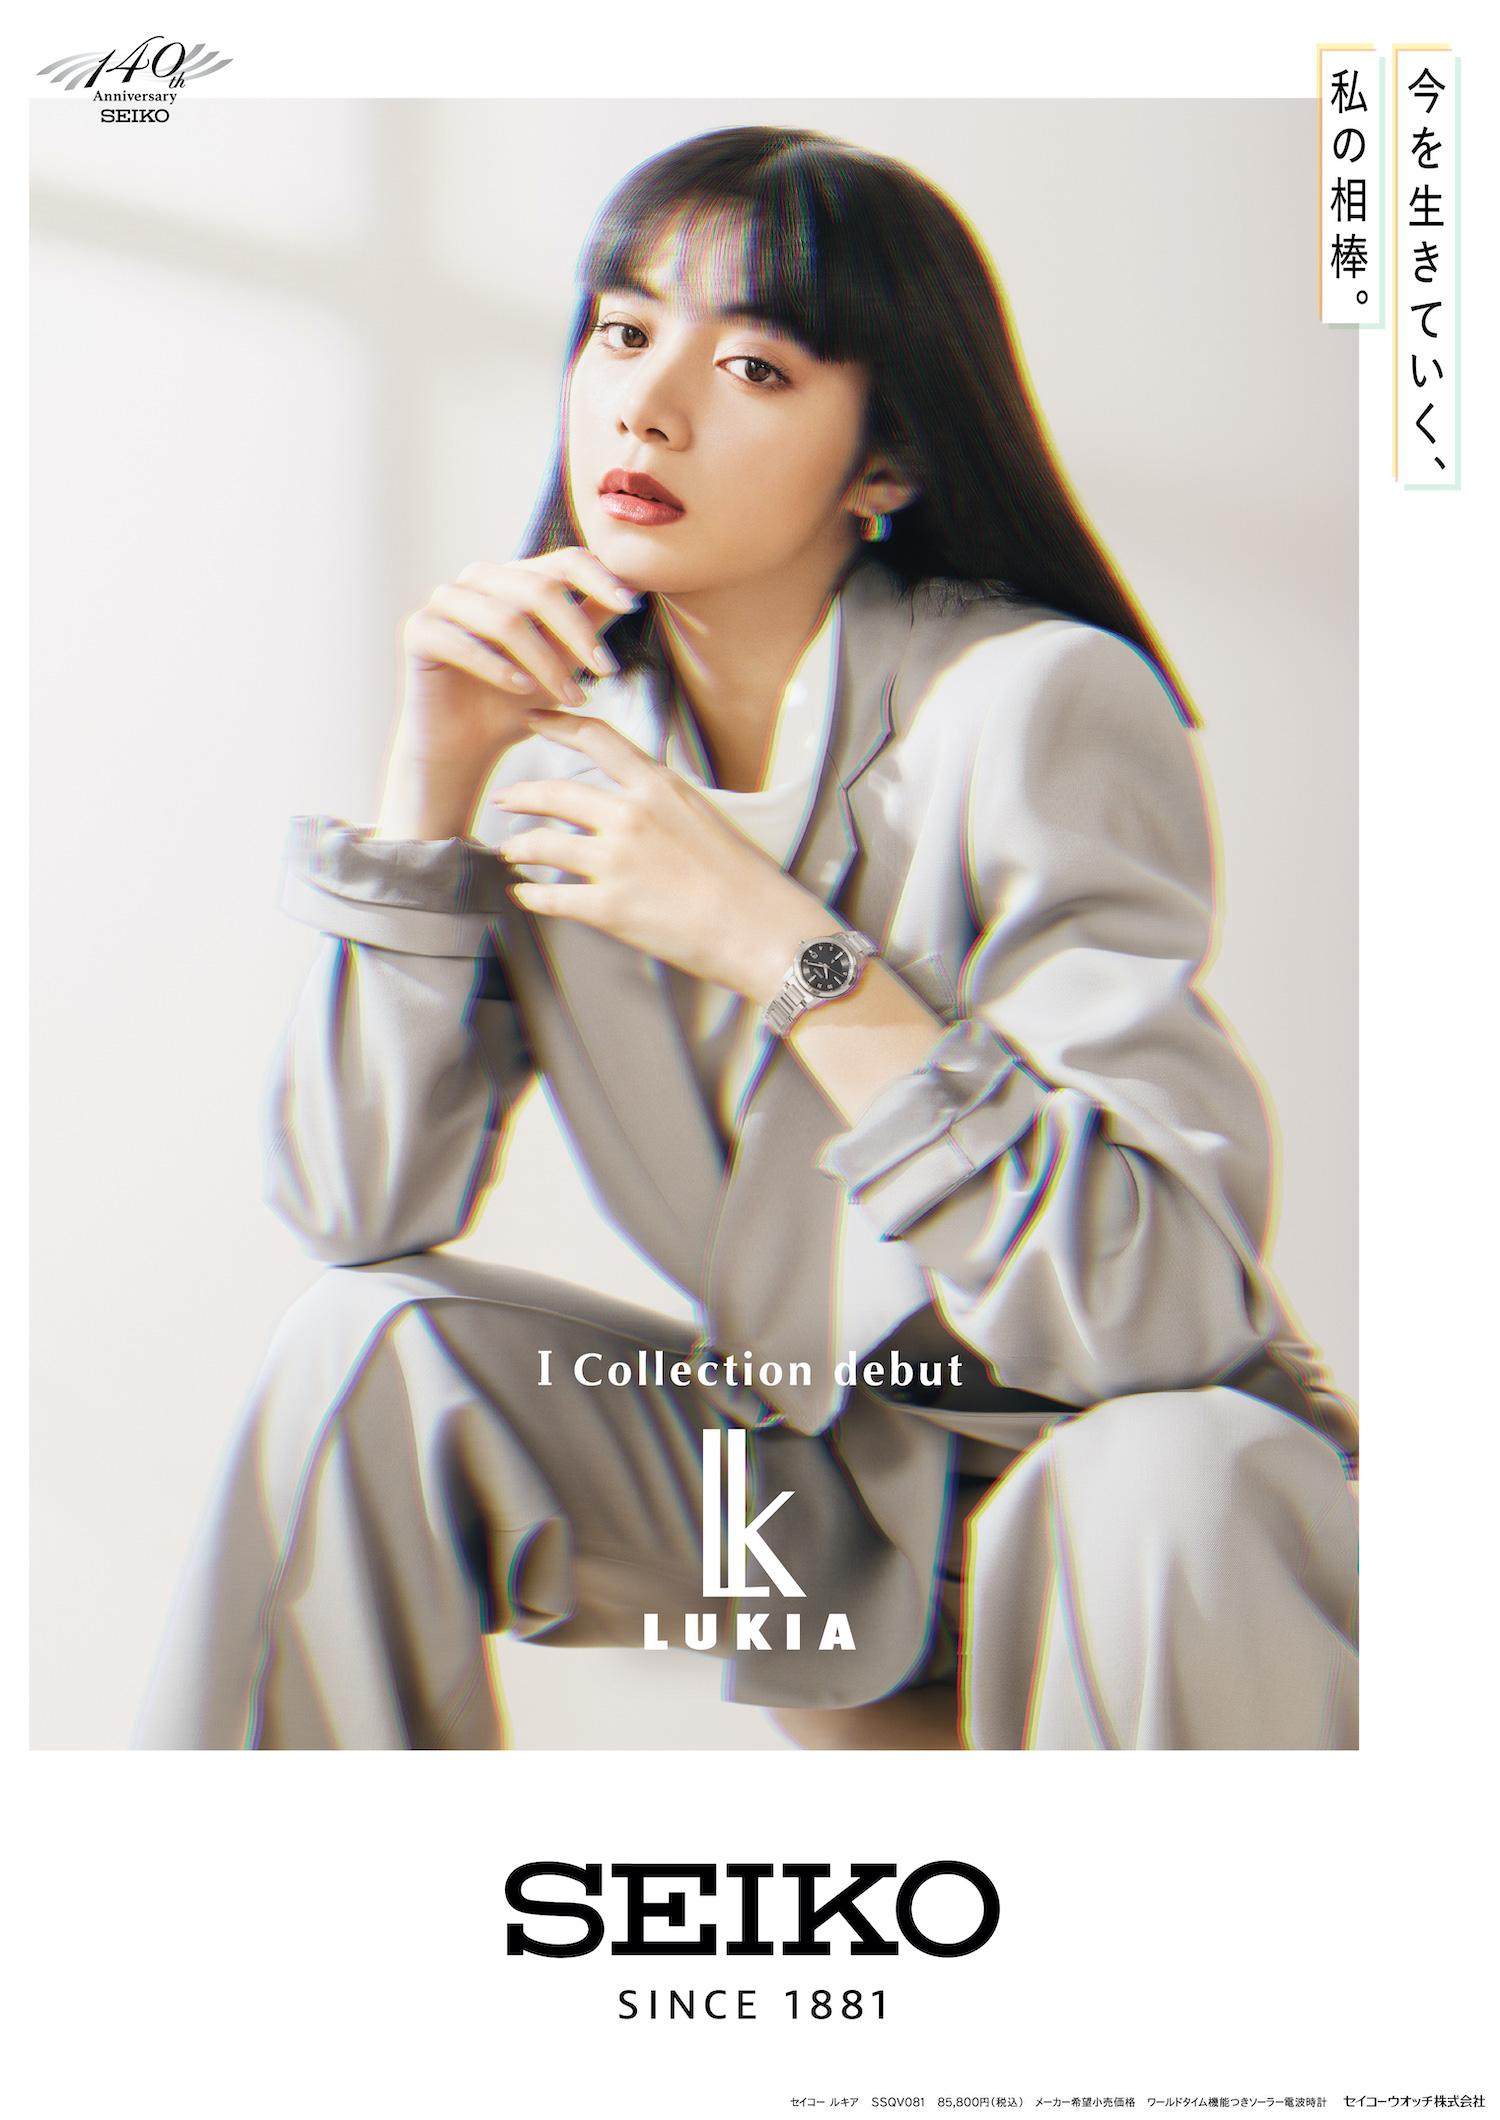 池田エライザ、セイコー ルキアのイメージキャラクター